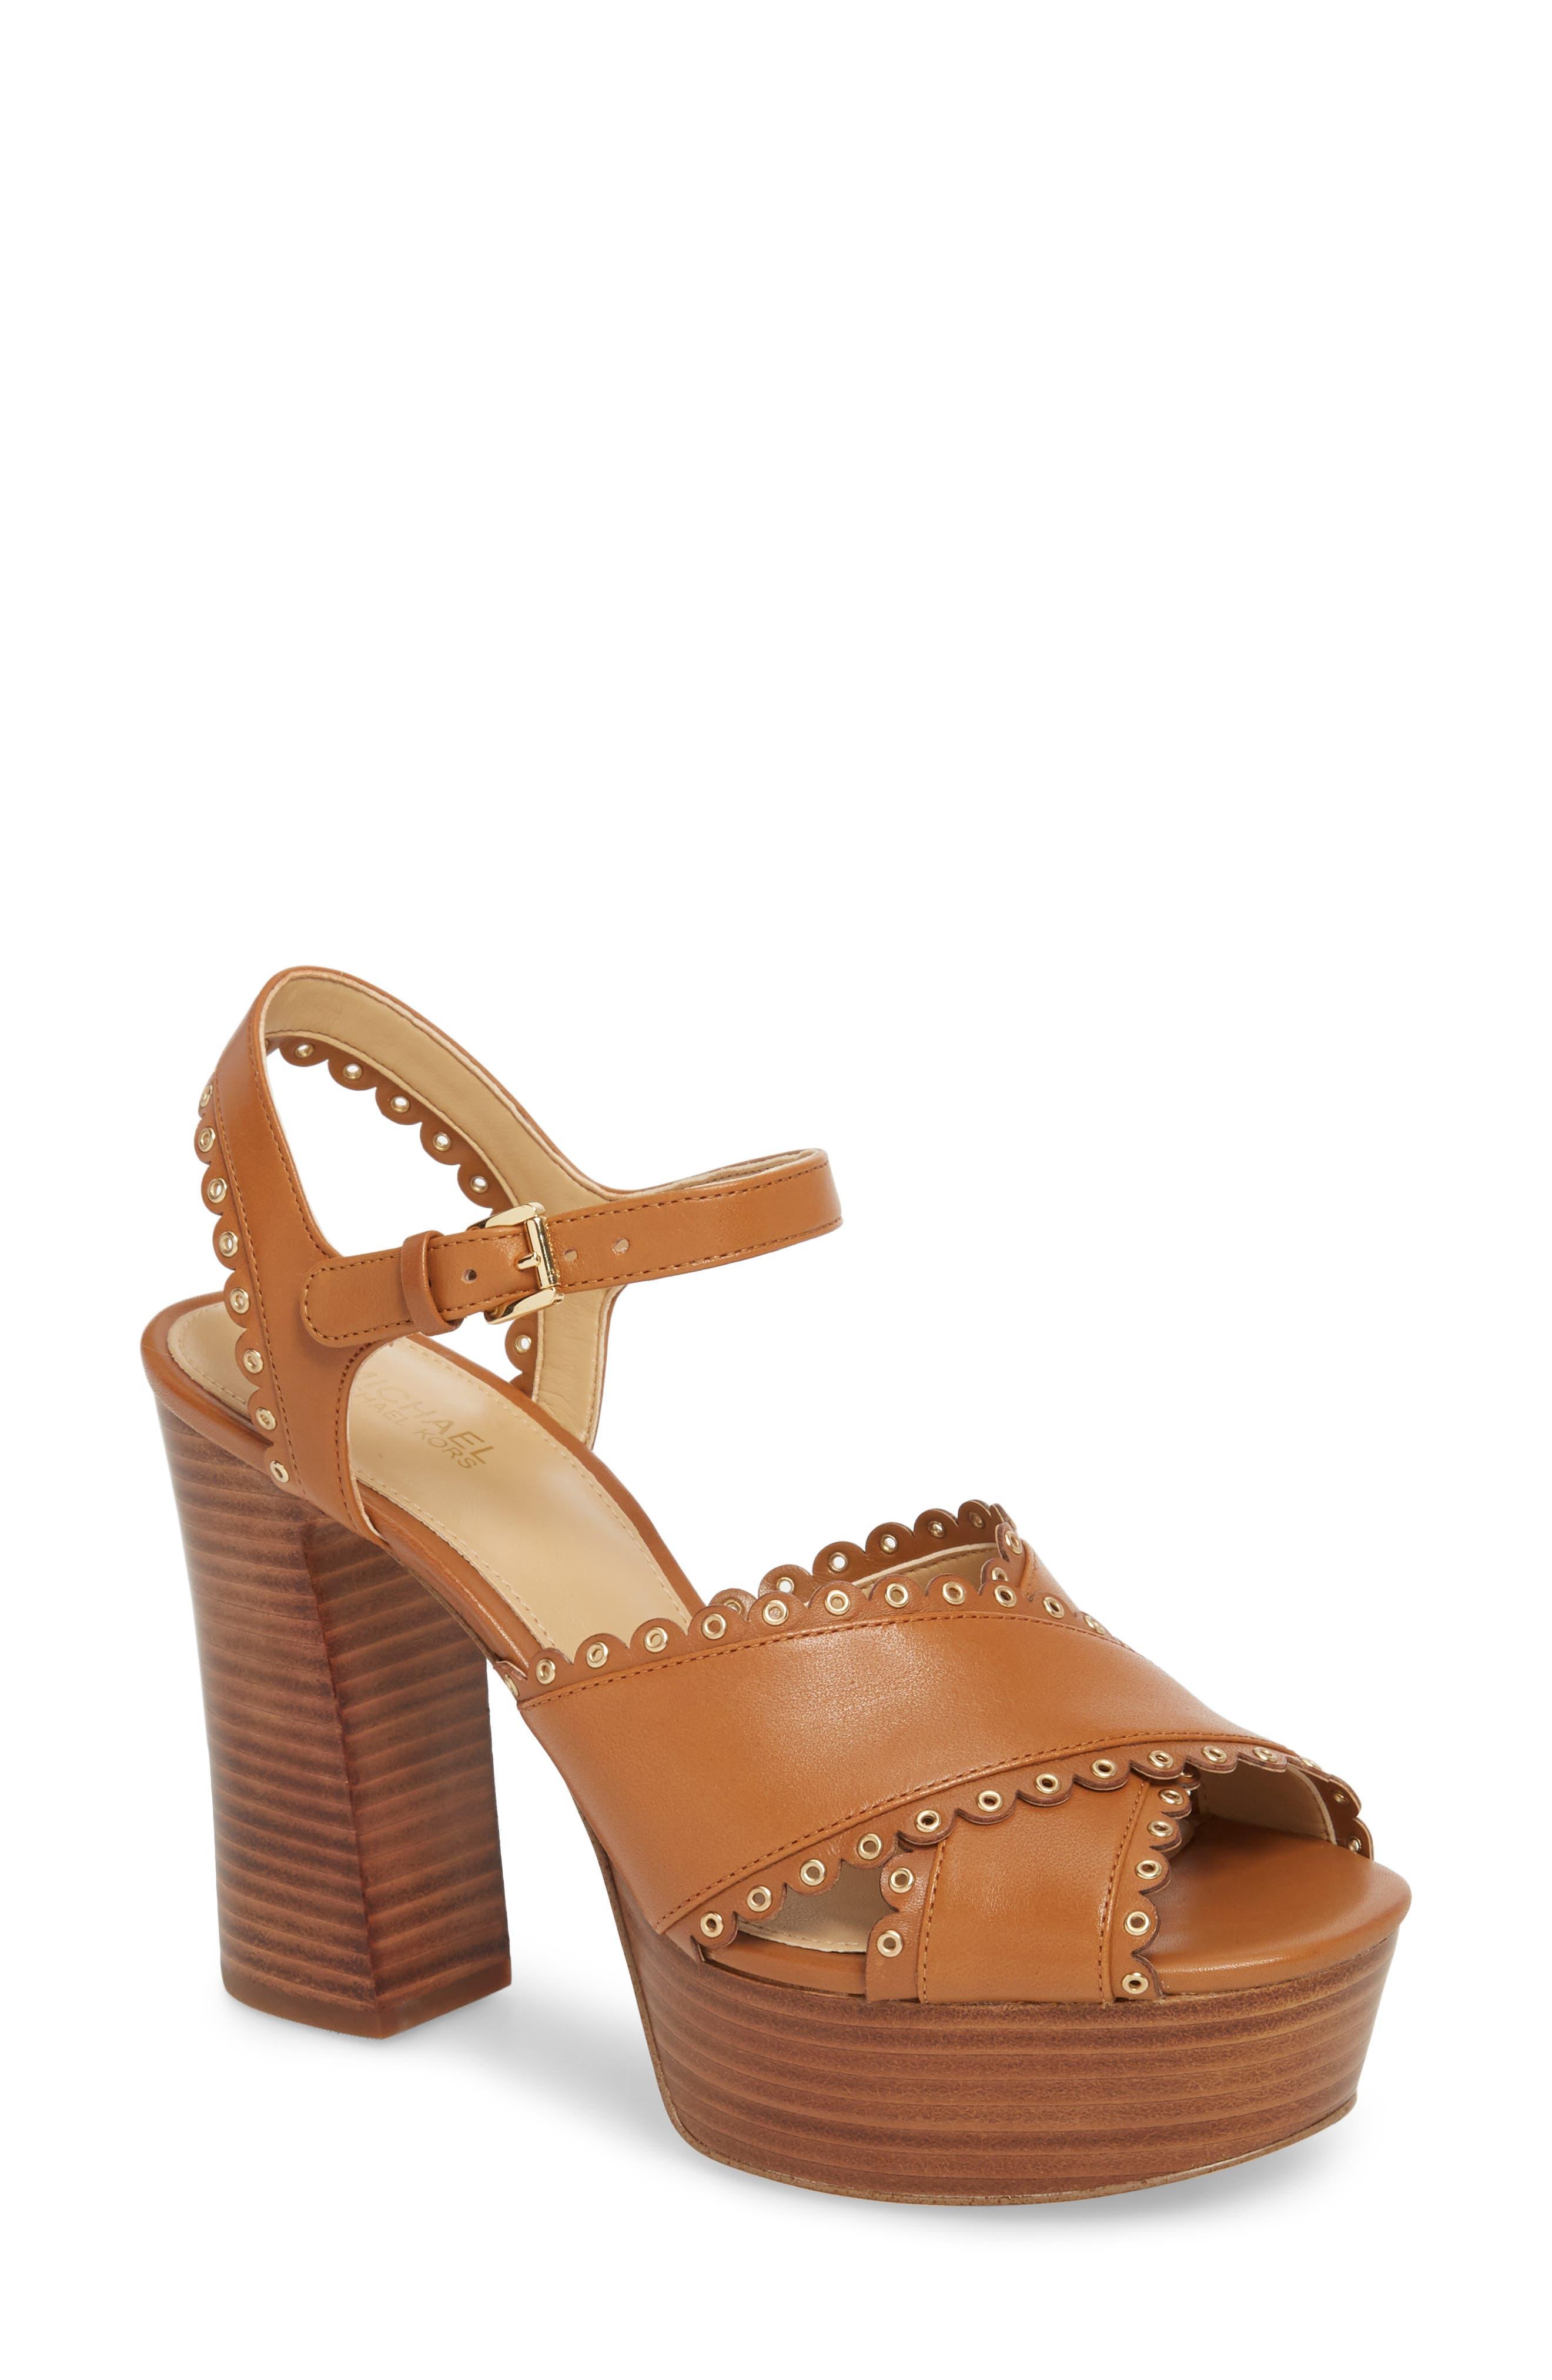 Jessie Platform Sandal,                             Main thumbnail 1, color,                             Acorn Leather